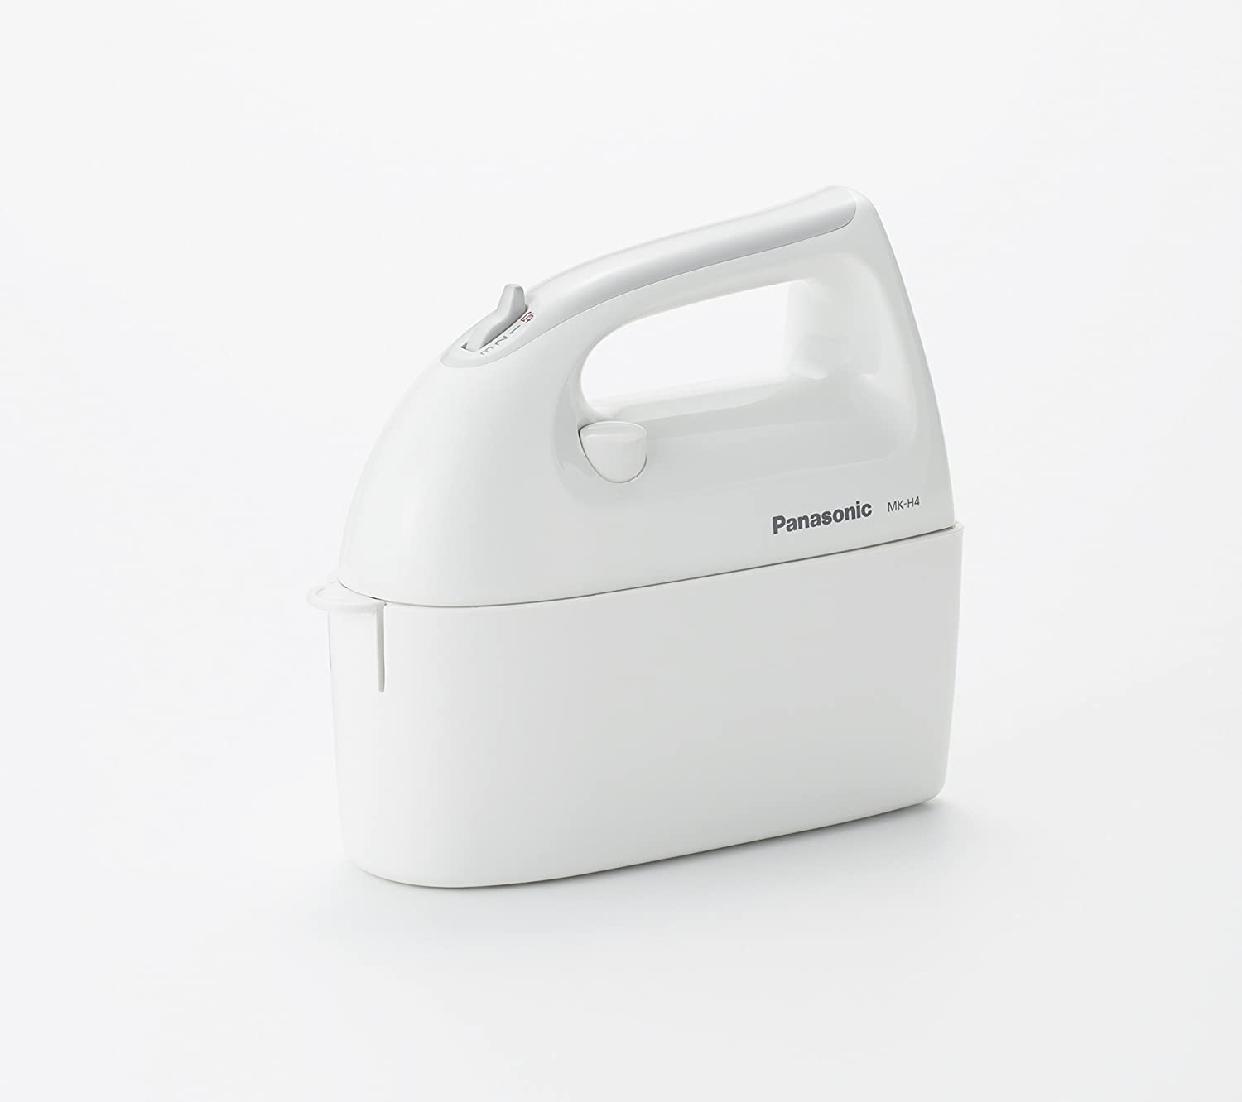 Panasonic(パナソニック) ハンドミキサー MK-H4の商品画像7